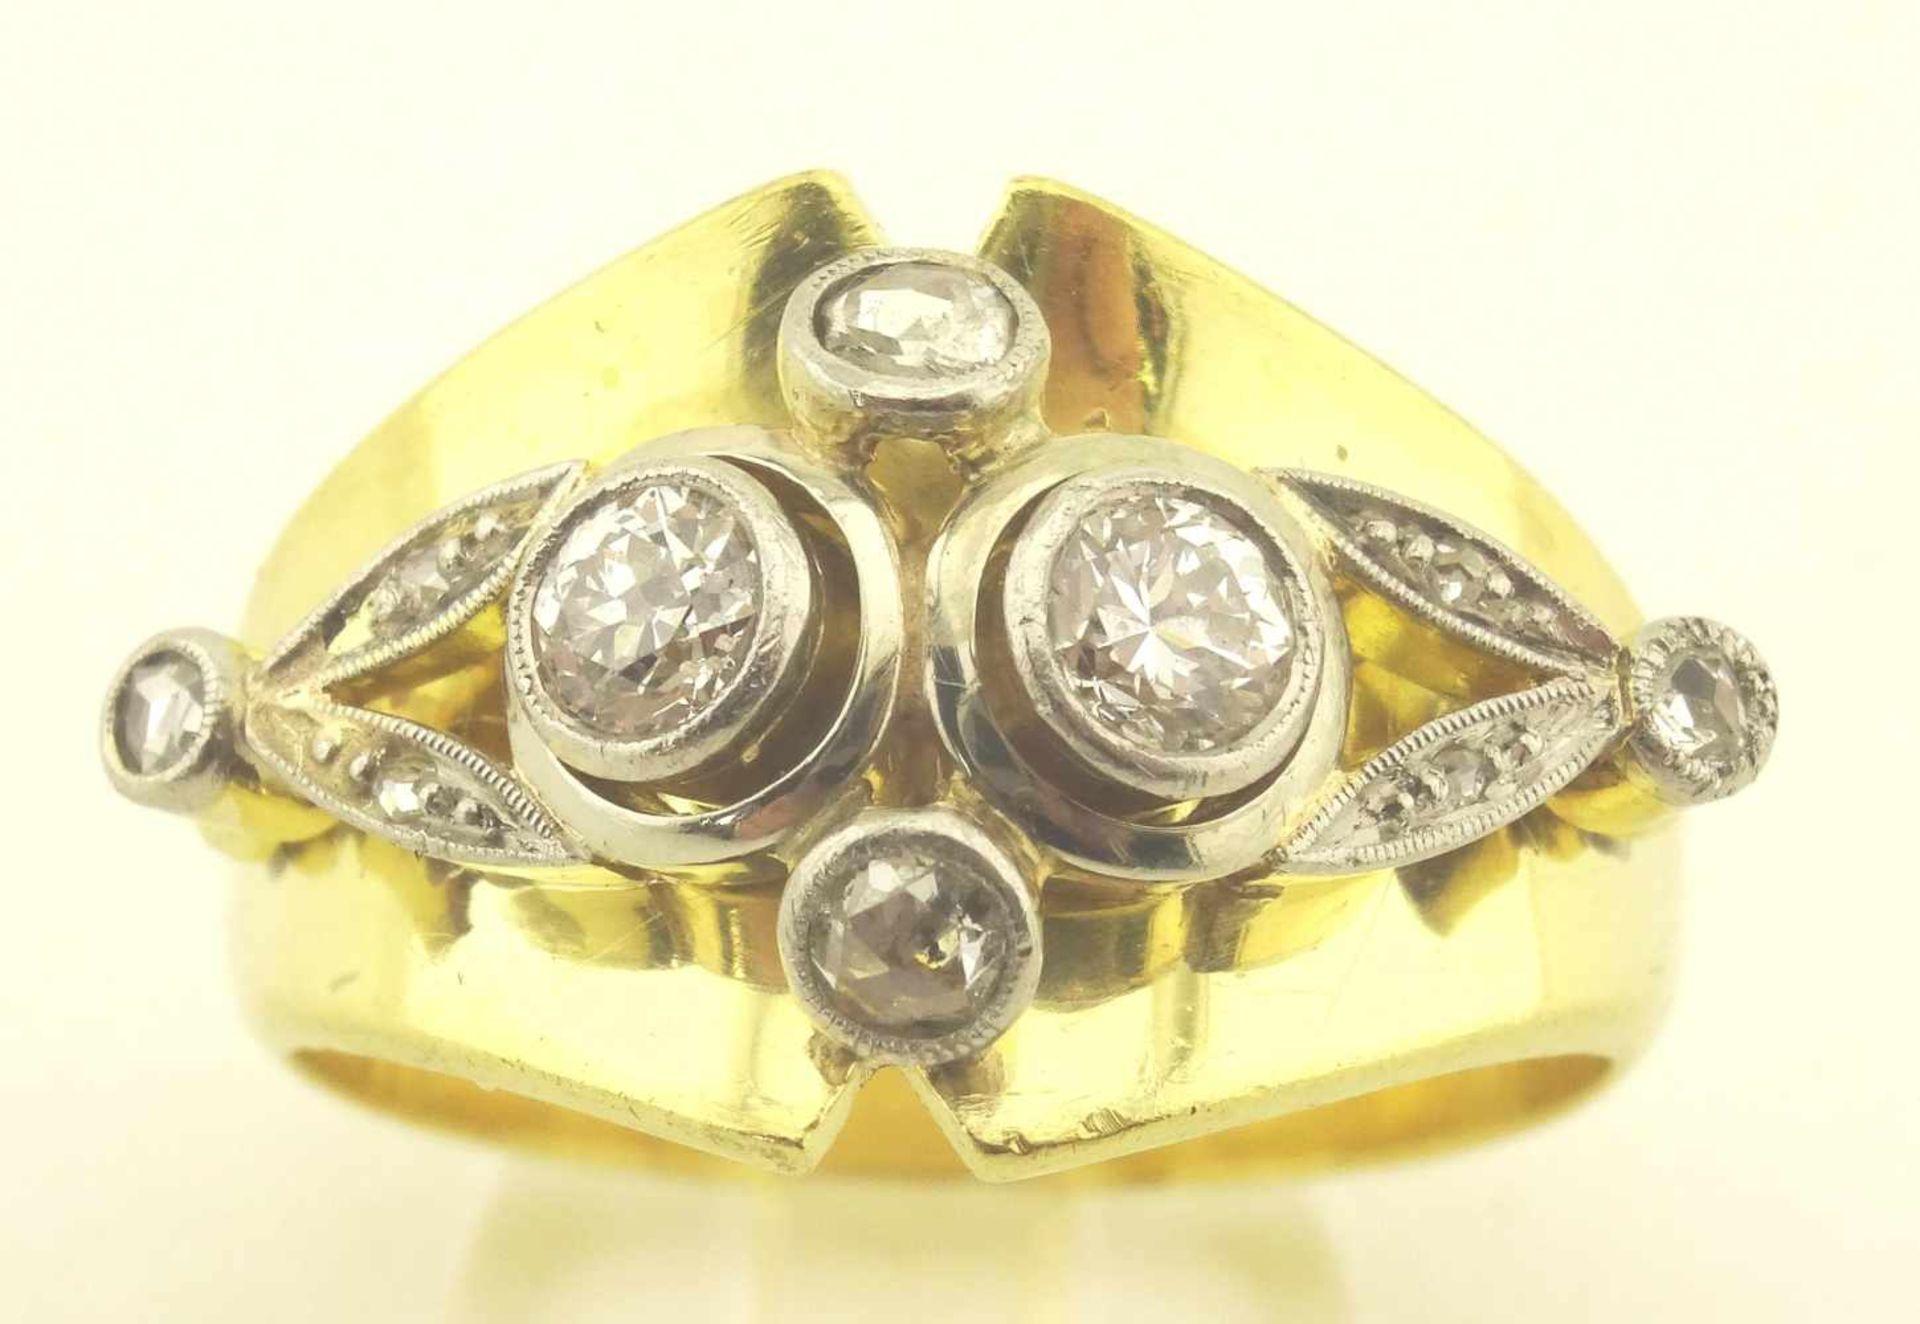 Los 45 - Damenring Brillant 750 / 585 Gold Handarbeit Umarbeitung aus 750 Gold Trauring, mit 585 Aufbauten,